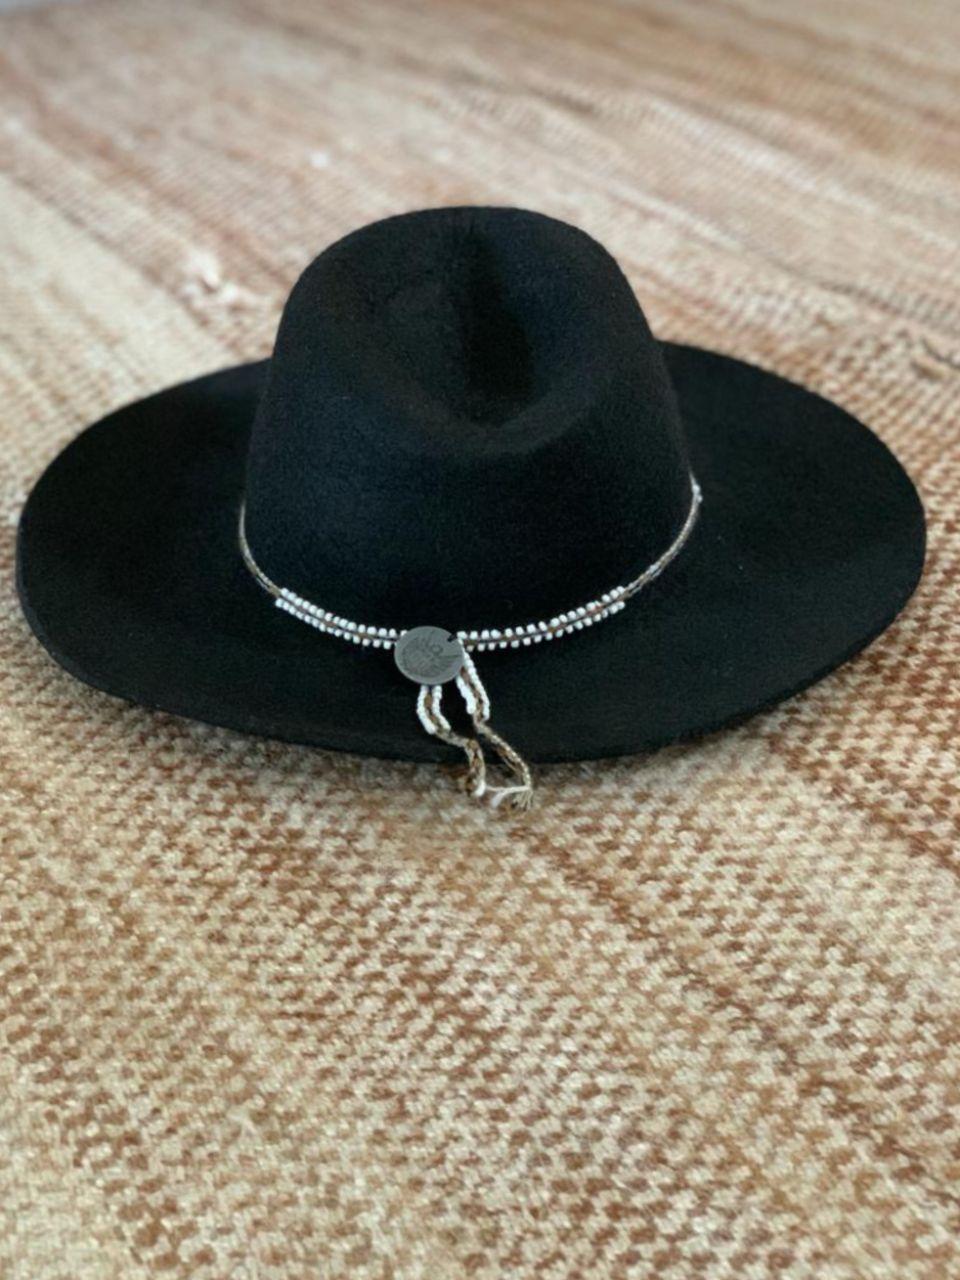 Sombrero watana negro 1-1